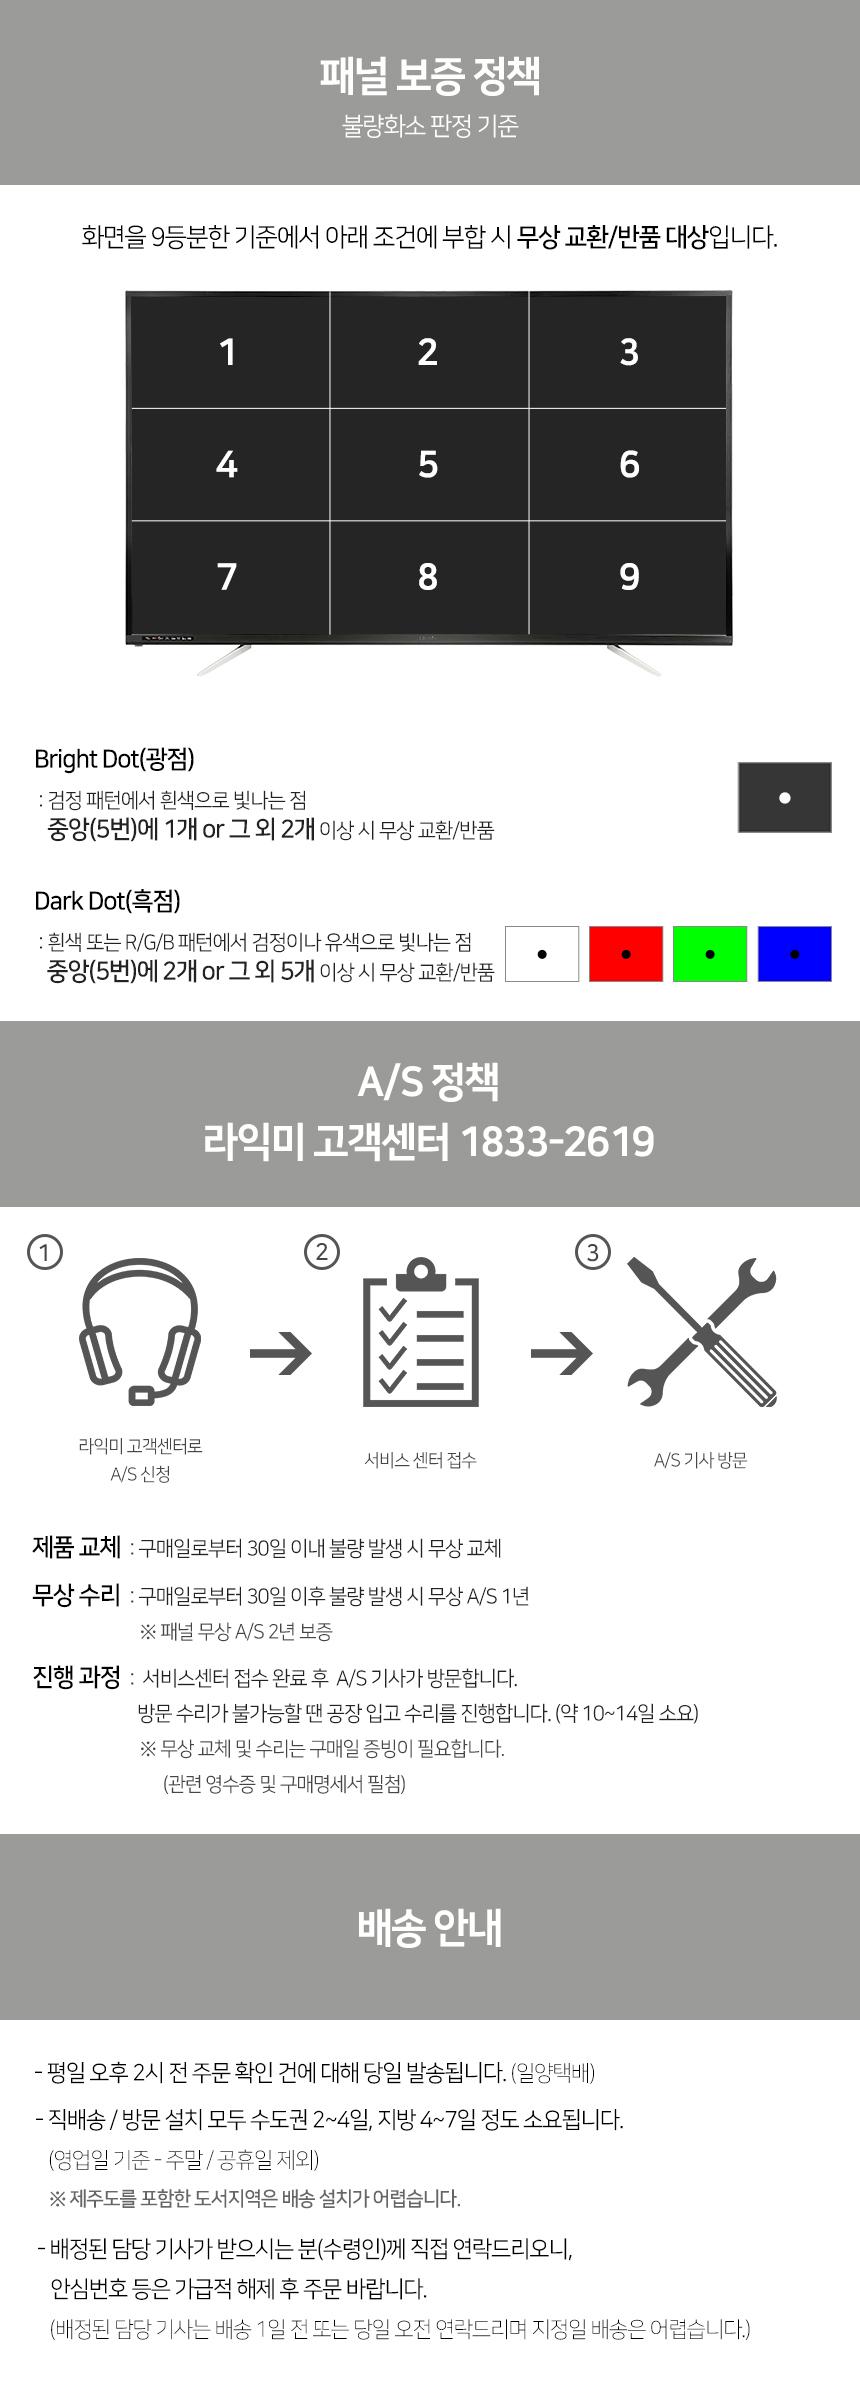 라익미 스마트 DS5001L 4K HDR 다이렉트TV (스탠드)